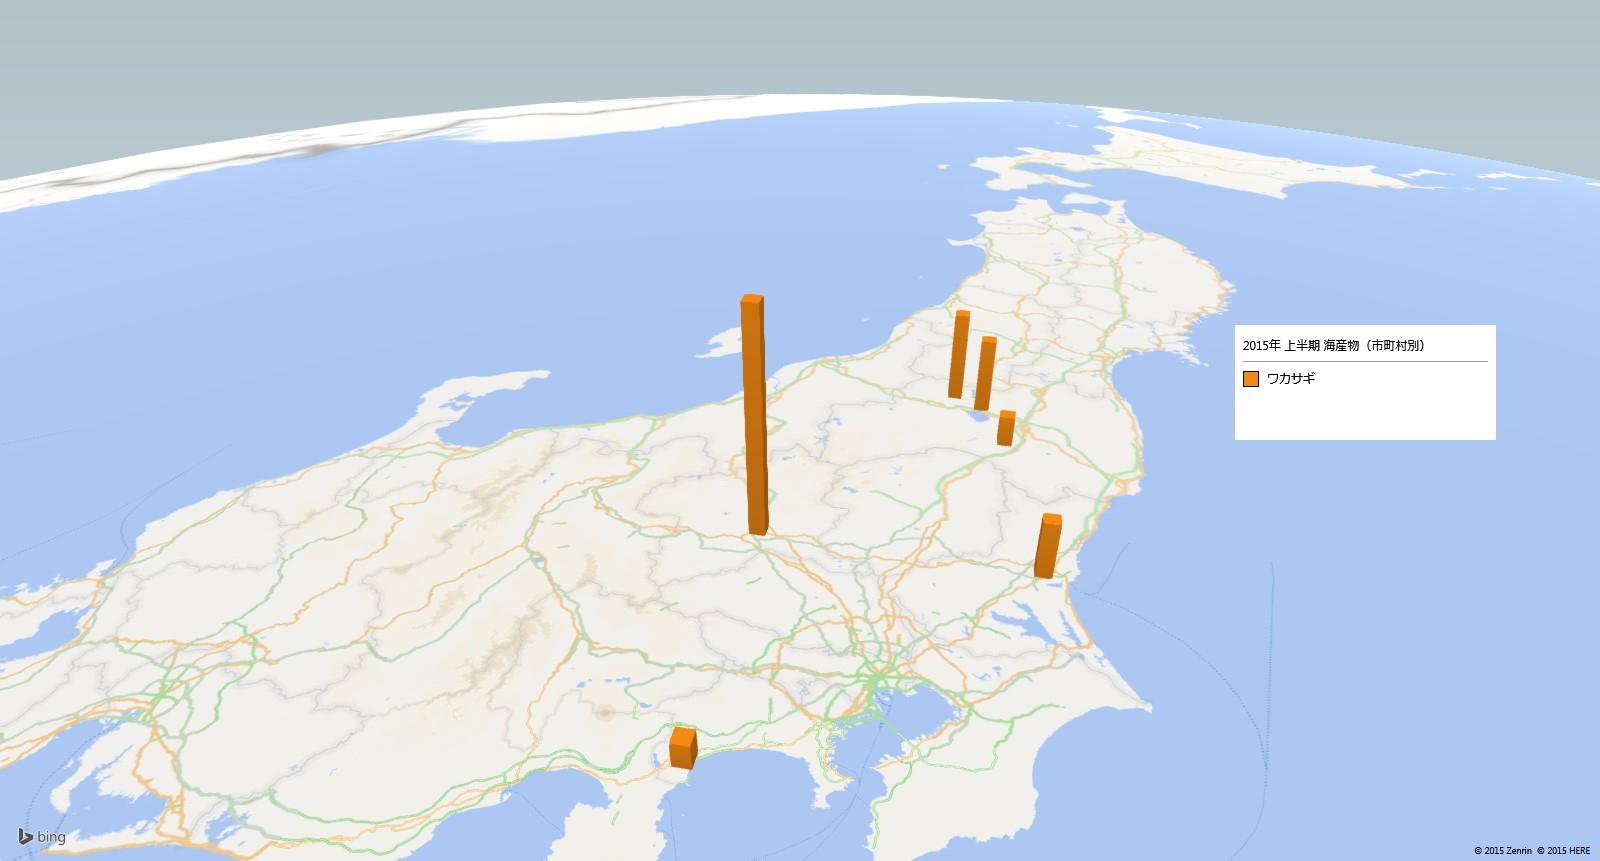 ワカサギ類の放射能検査地図(市町村別)